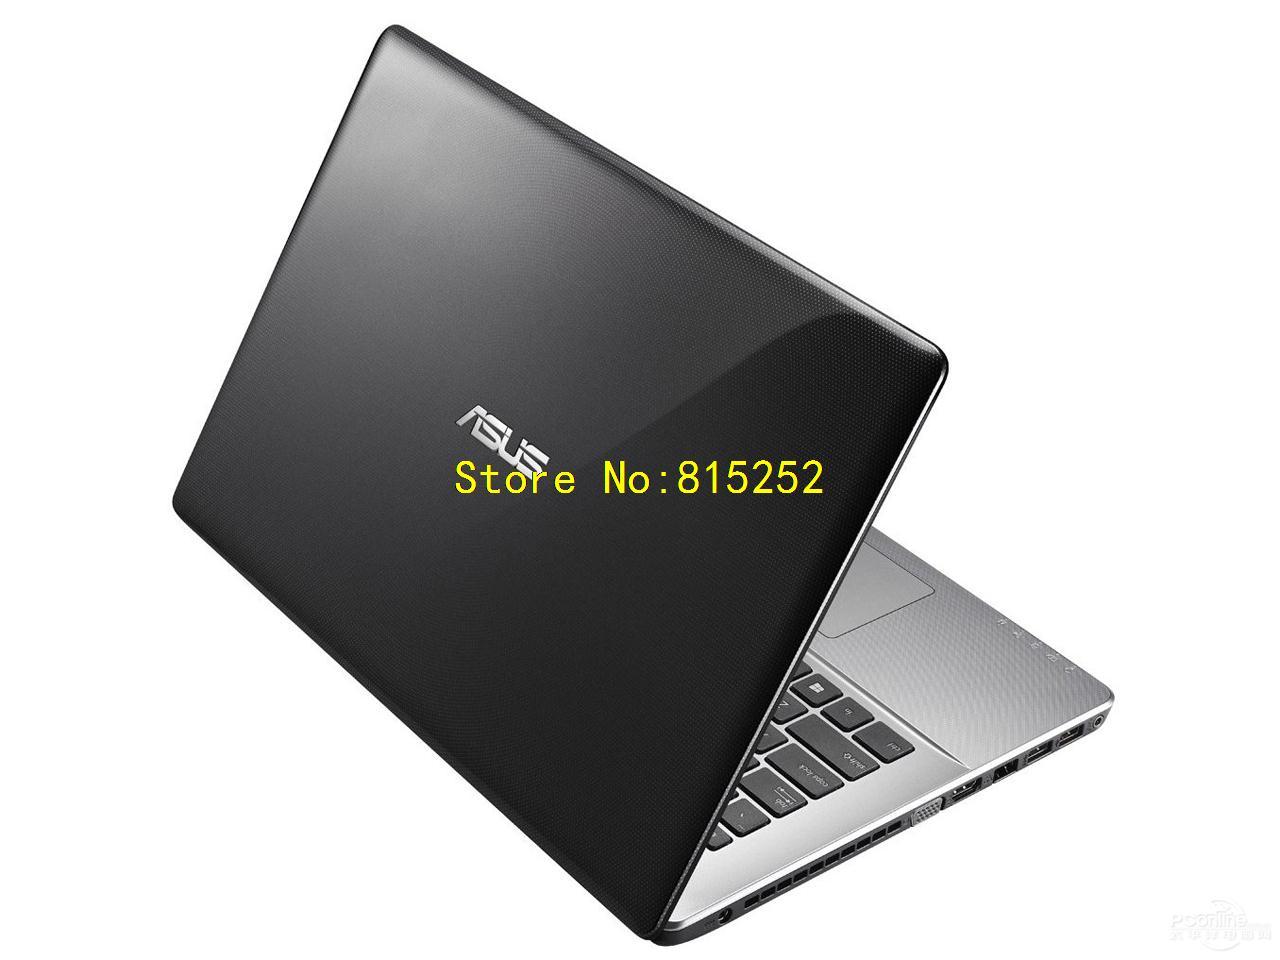 Laptop Top Cover Silver For Asus N550 N550JA N550JK N550JV N550LF N550JX Used(China (Mainland))